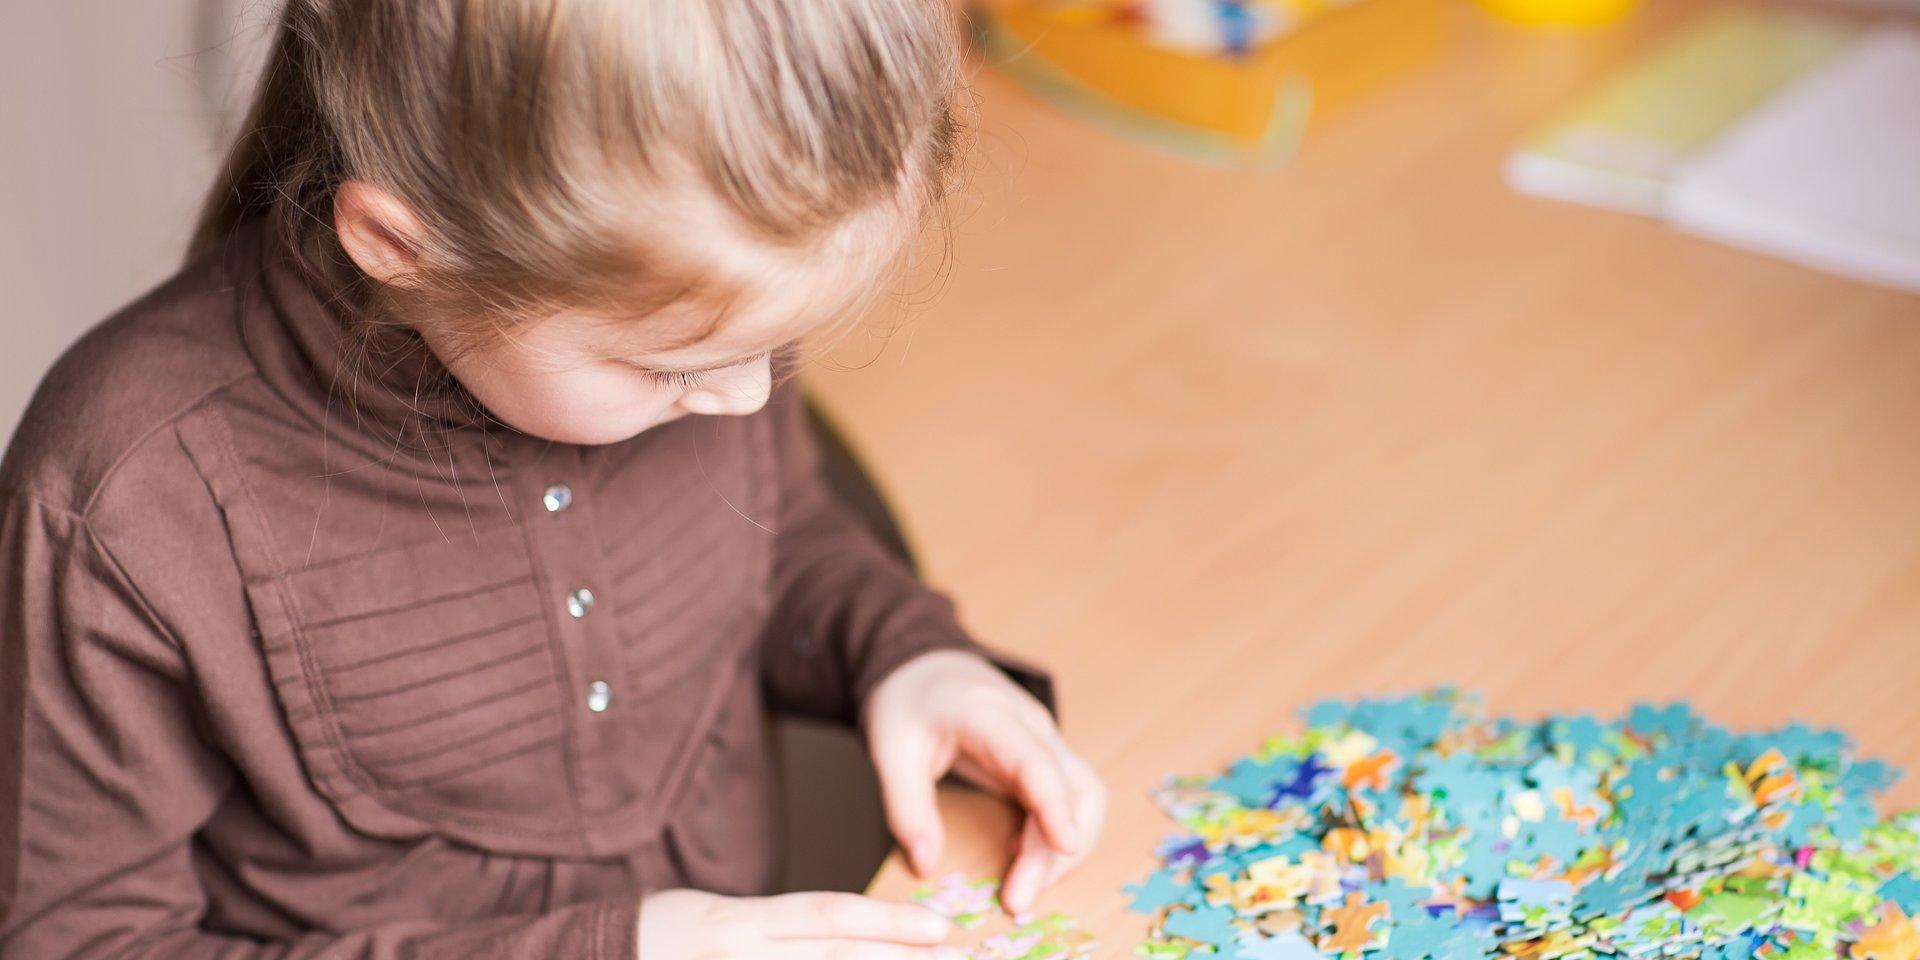 Dzień Dziecka 2020 – jakie prezenty trafiły w ręce dzieci?